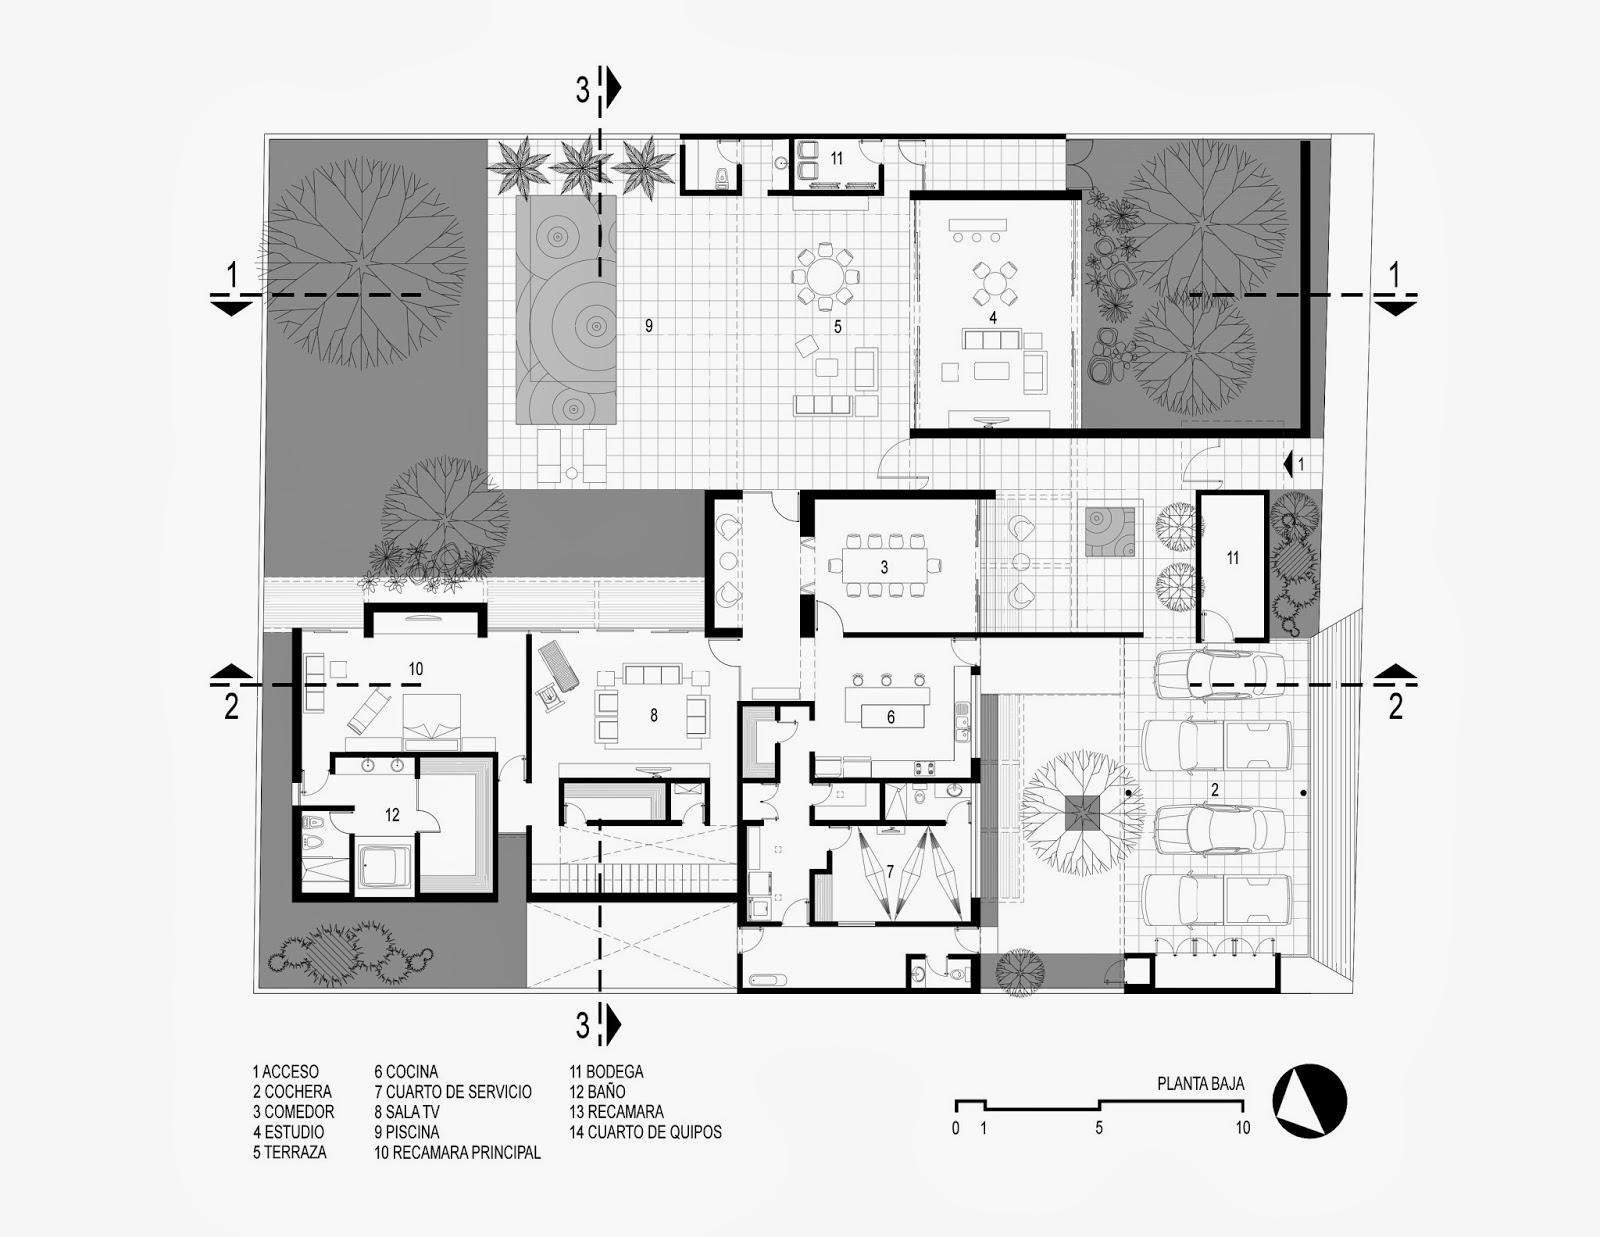 Apuntes revista digital de arquitectura proyecto casa altabrisa 24 en m xico grupo arquidecture - Planta de salon ...